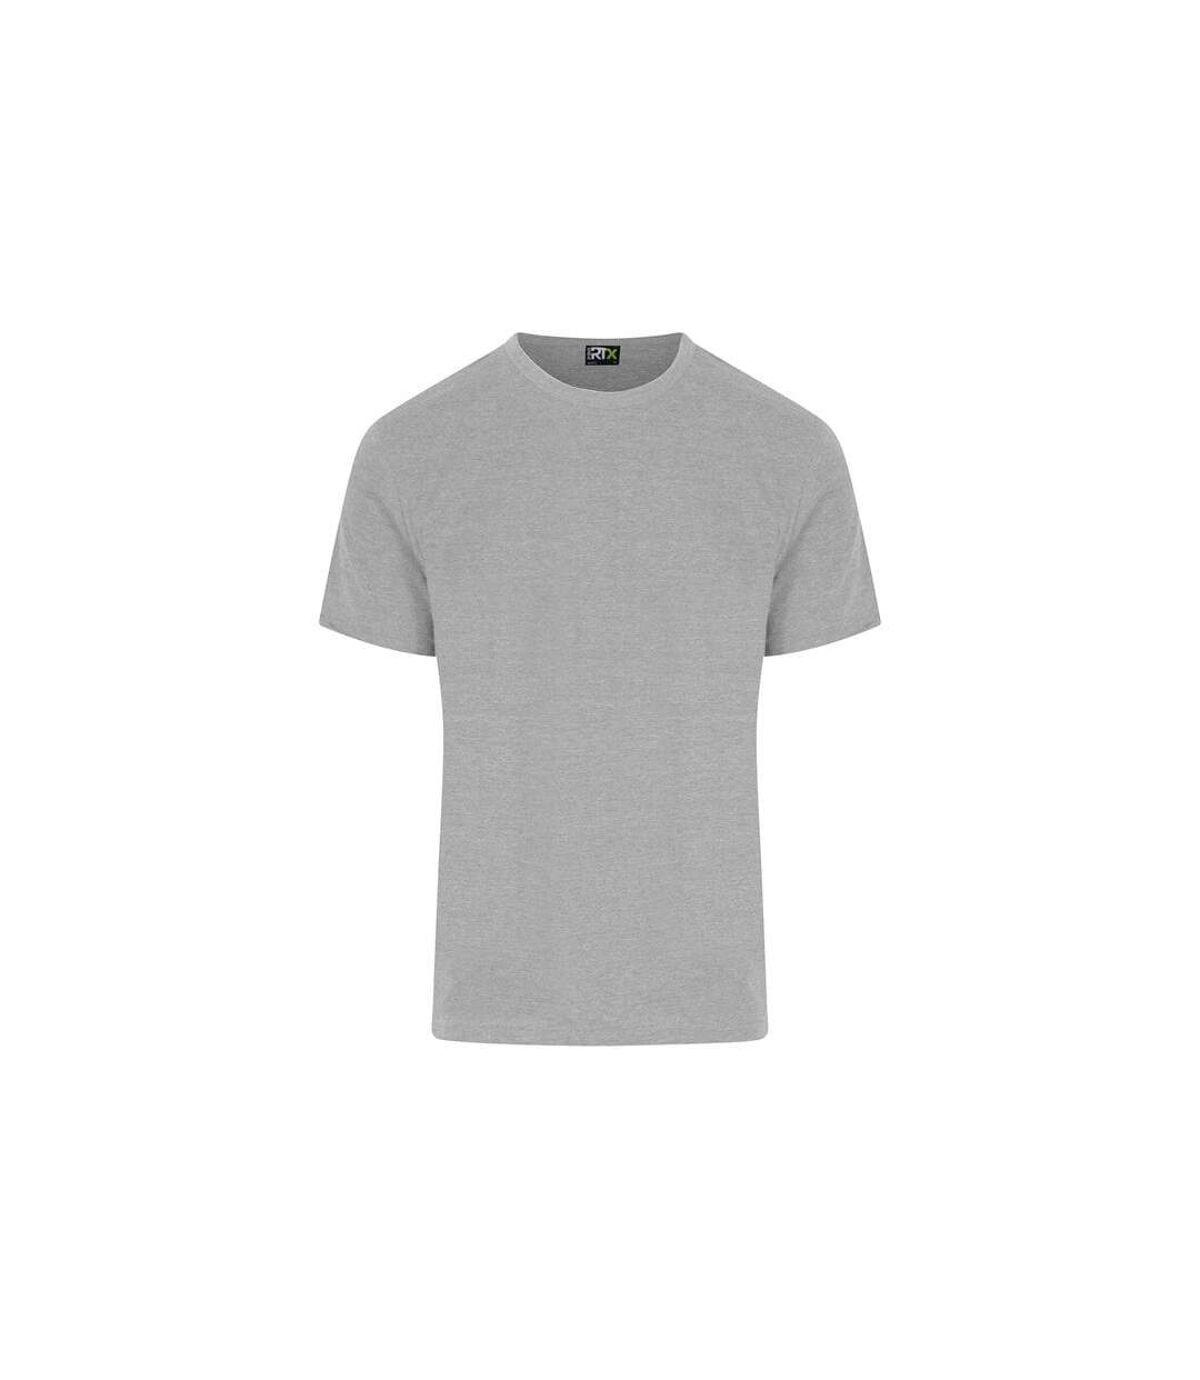 PRO RTX - T-Shirt PRO - Hommes (Gris chiné) - UTPC4058